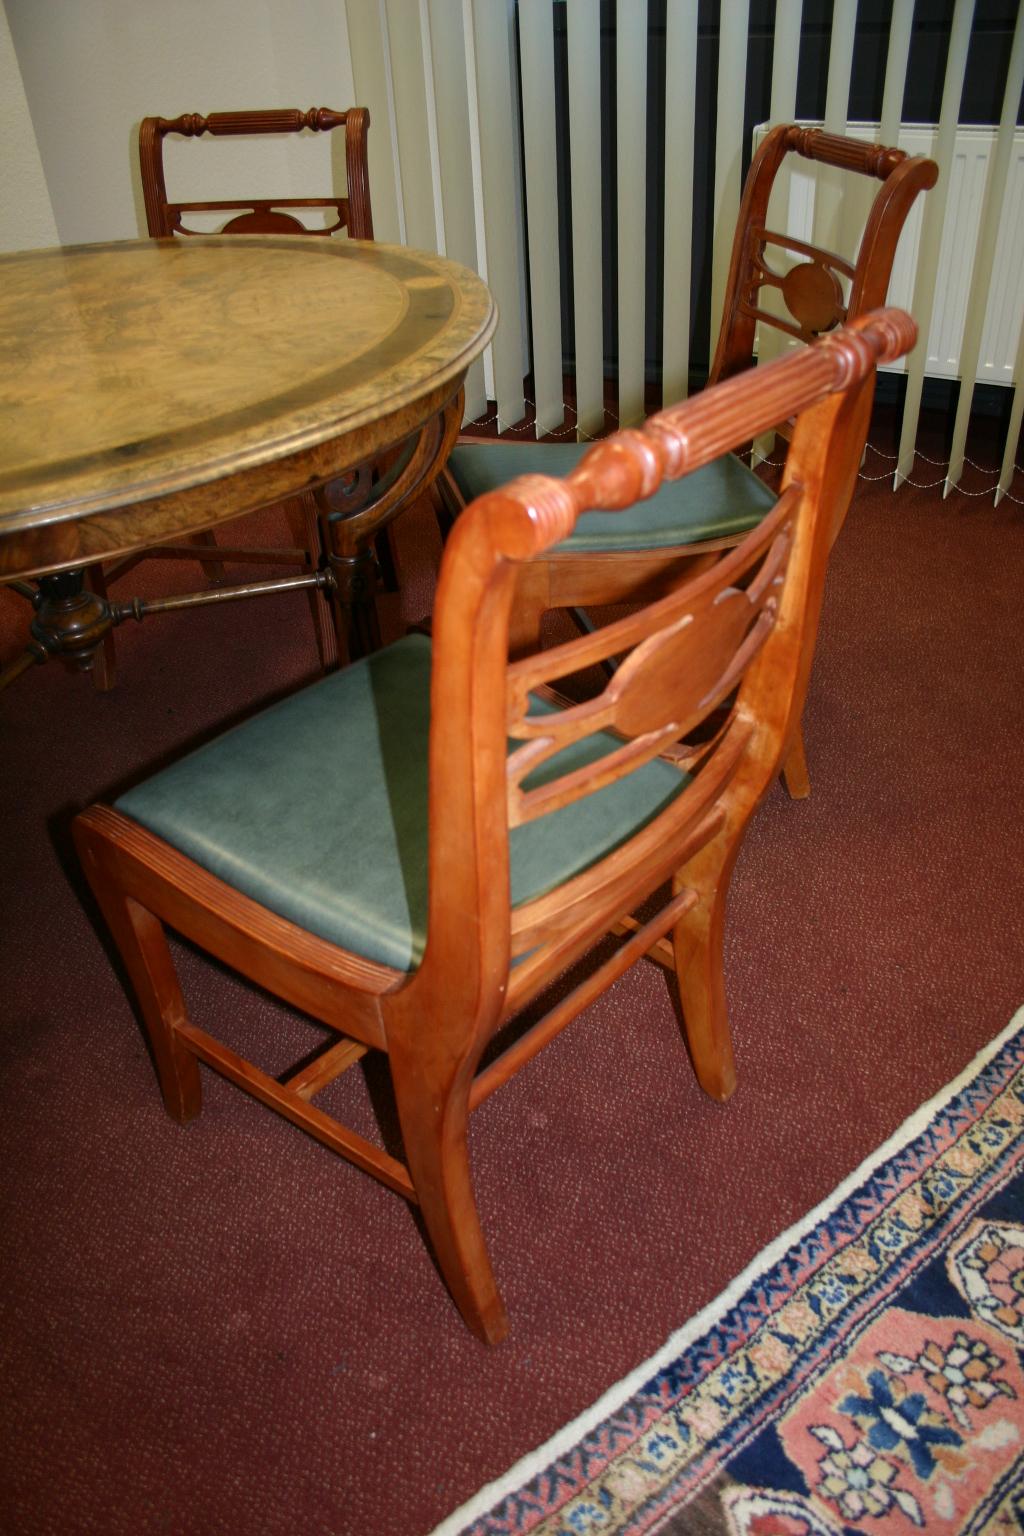 5er stuhl set im antik stil. Black Bedroom Furniture Sets. Home Design Ideas